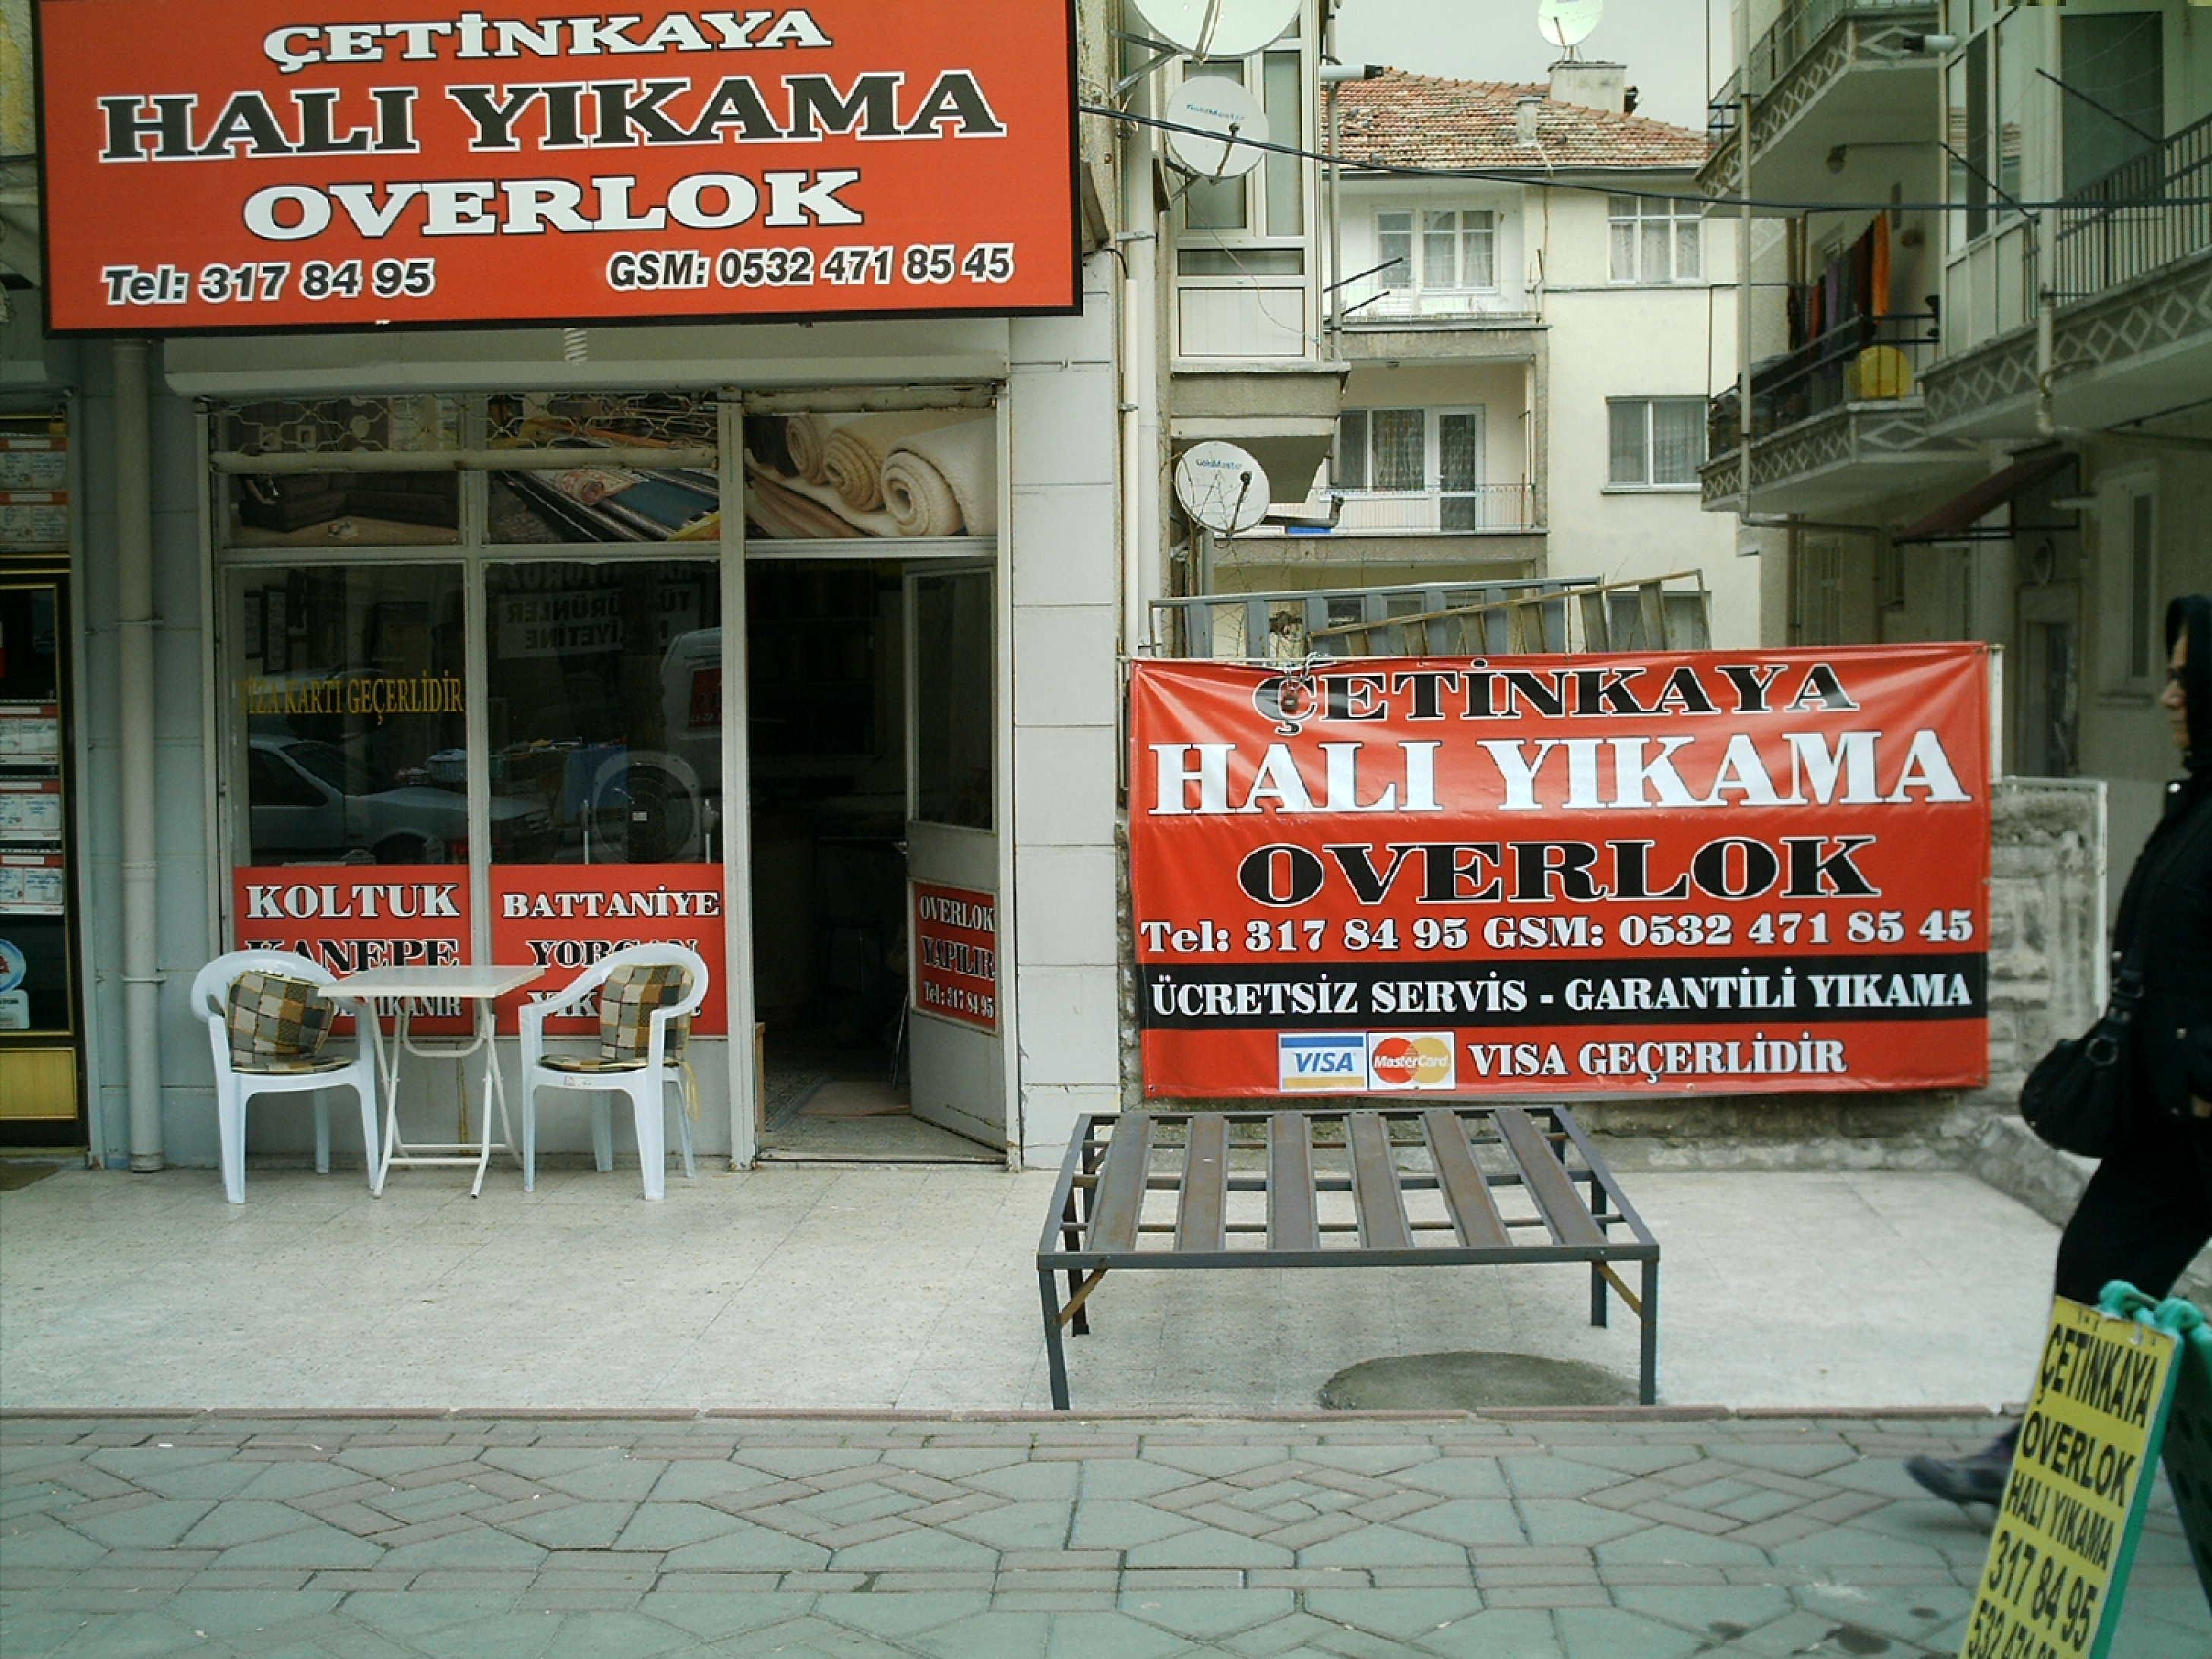 suvari_hali_yikama_servis-1 (2)